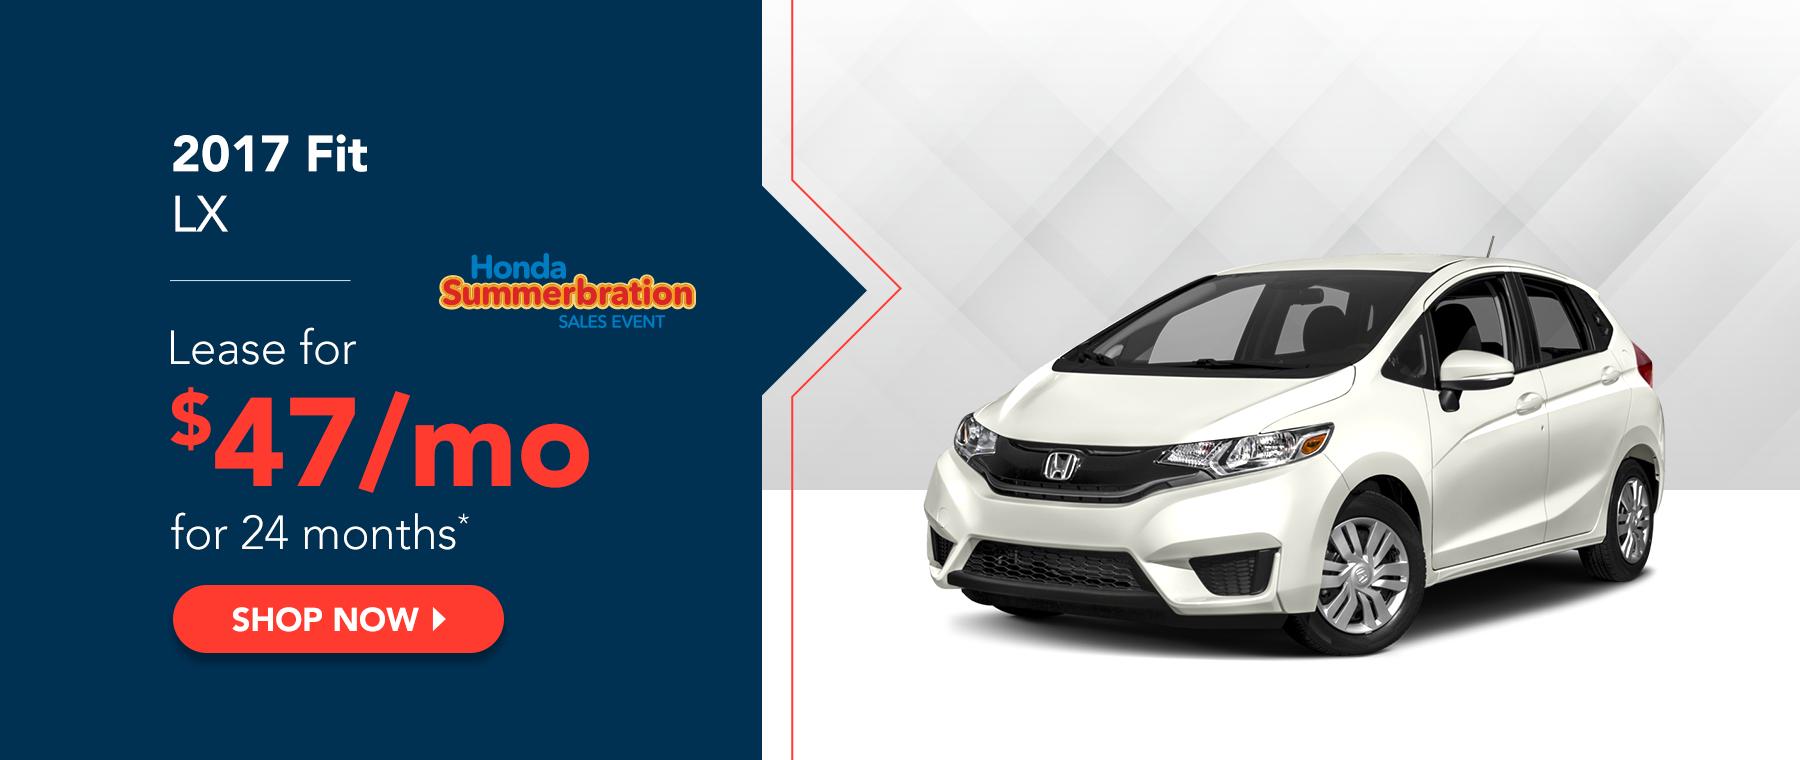 2017 Fit LX - Honda Summerbration Sales Event